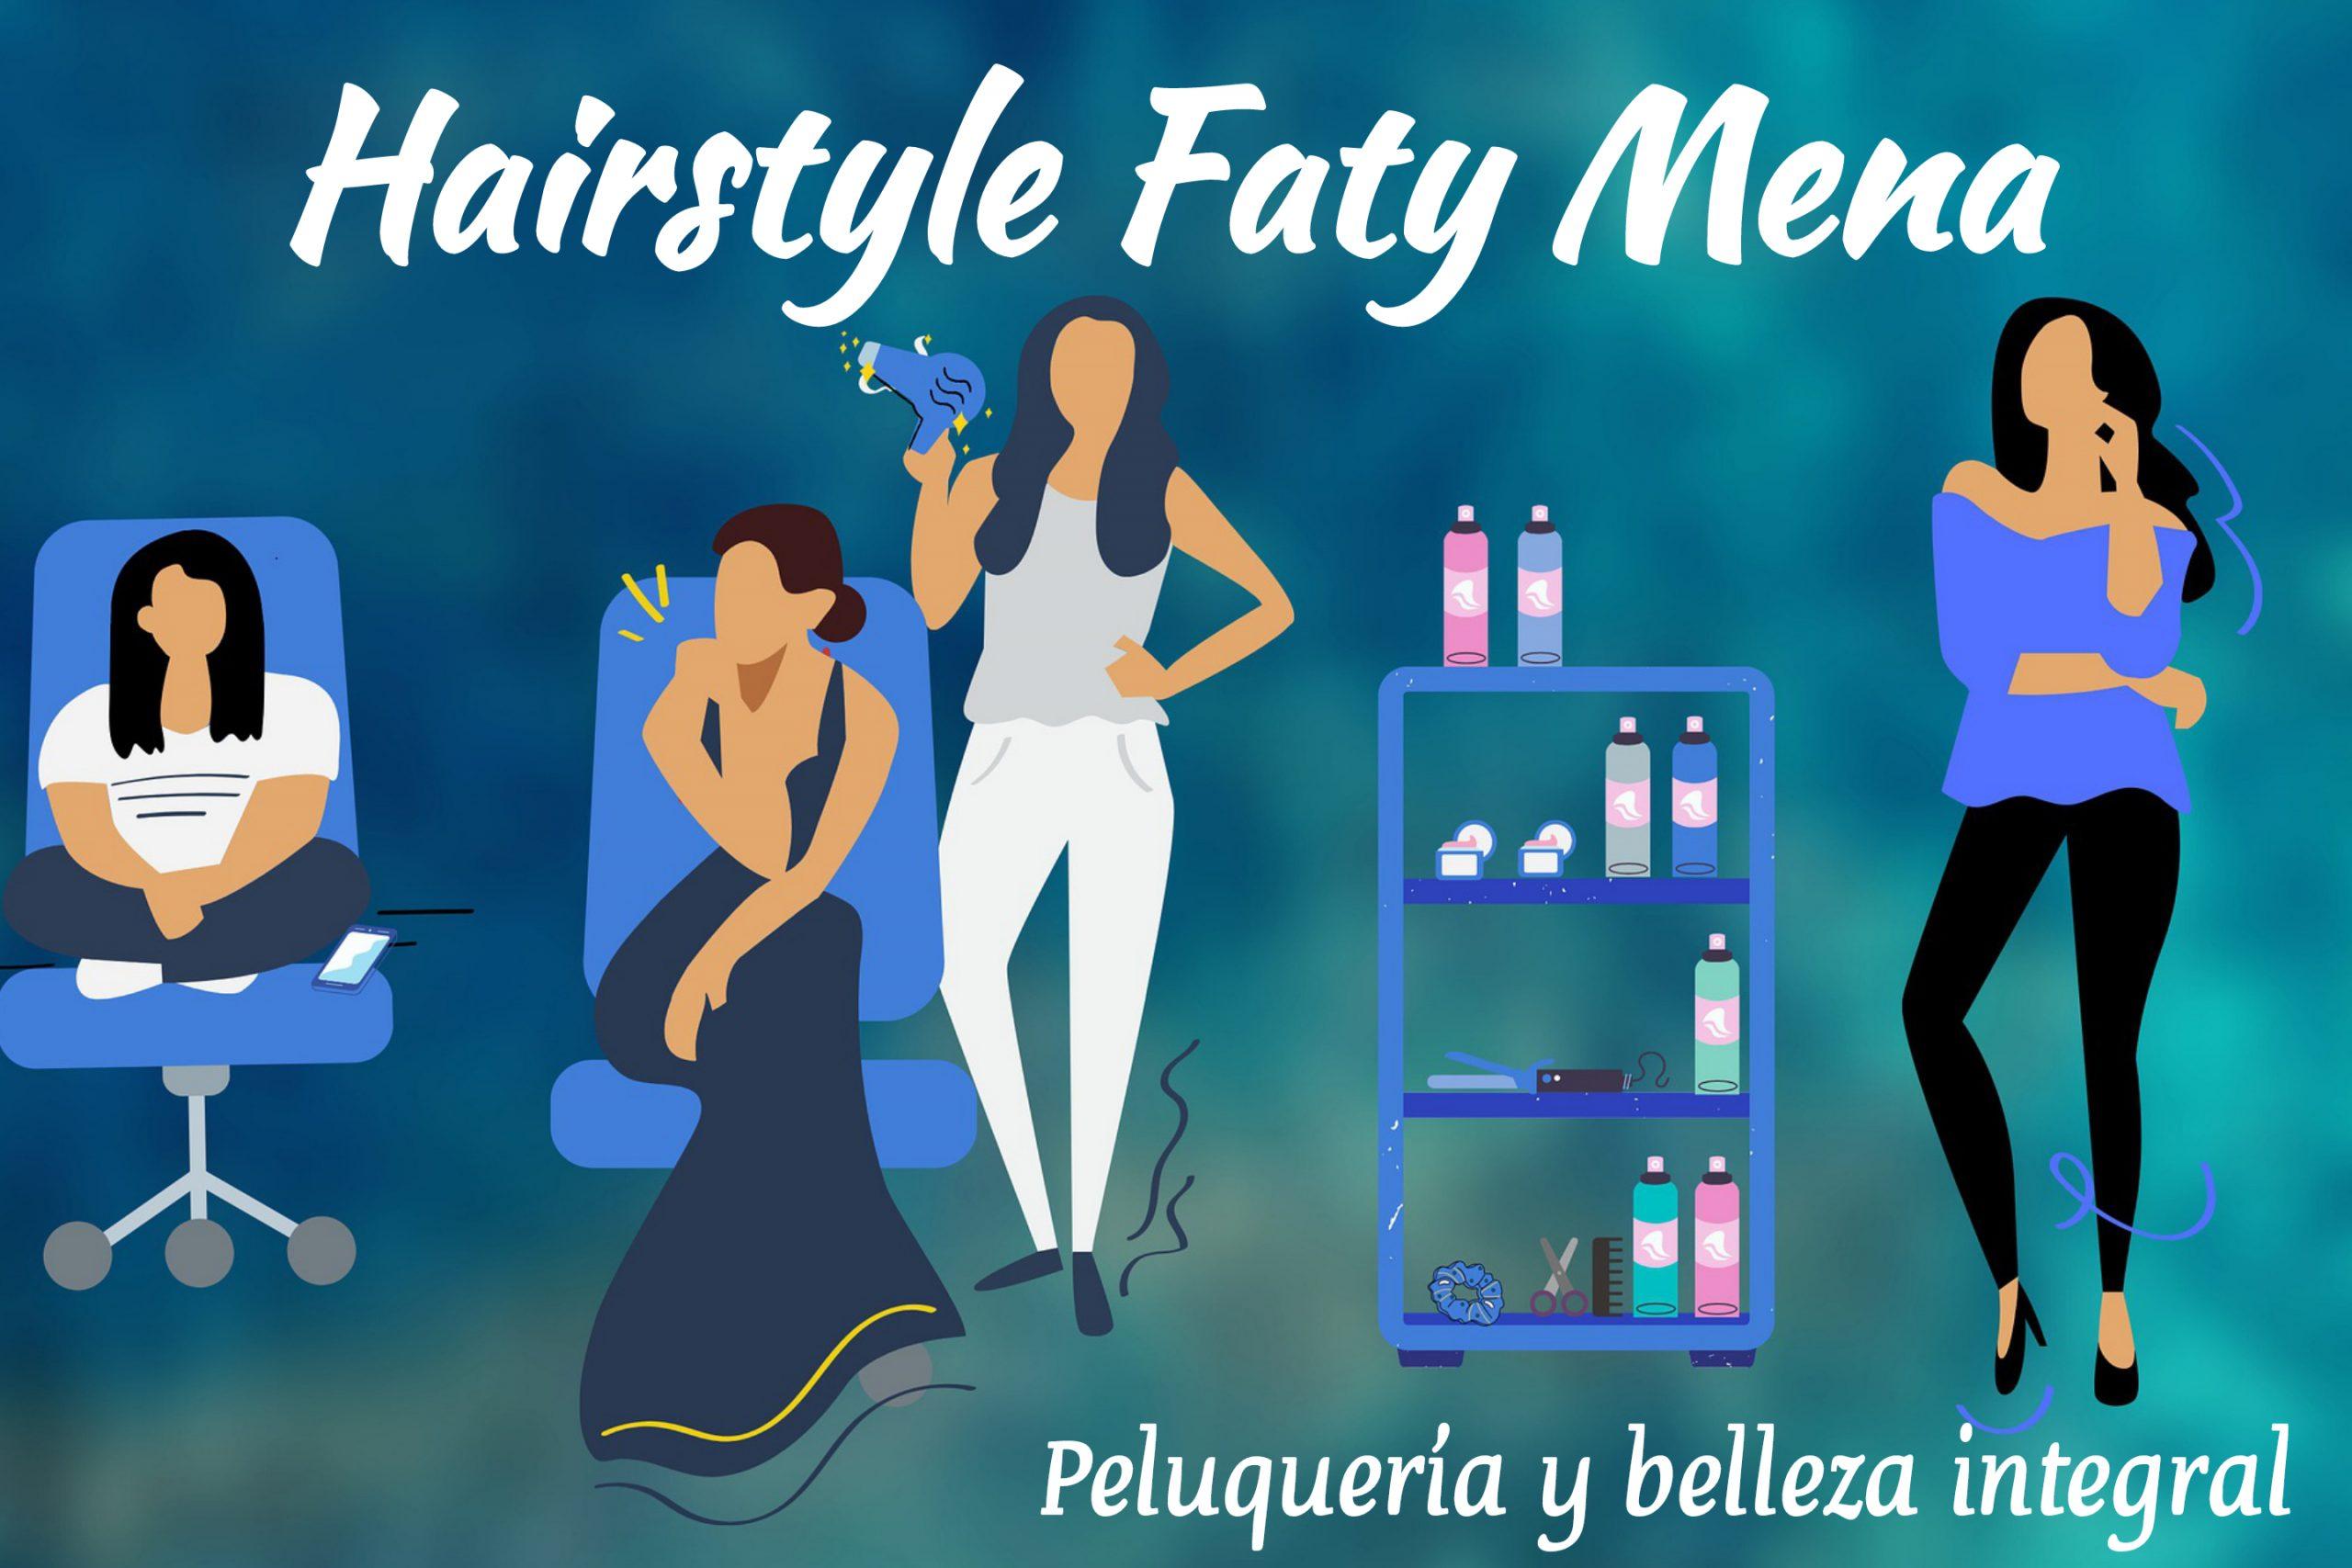 Hairstyle Faty Mena • Peluquería y belleza integral